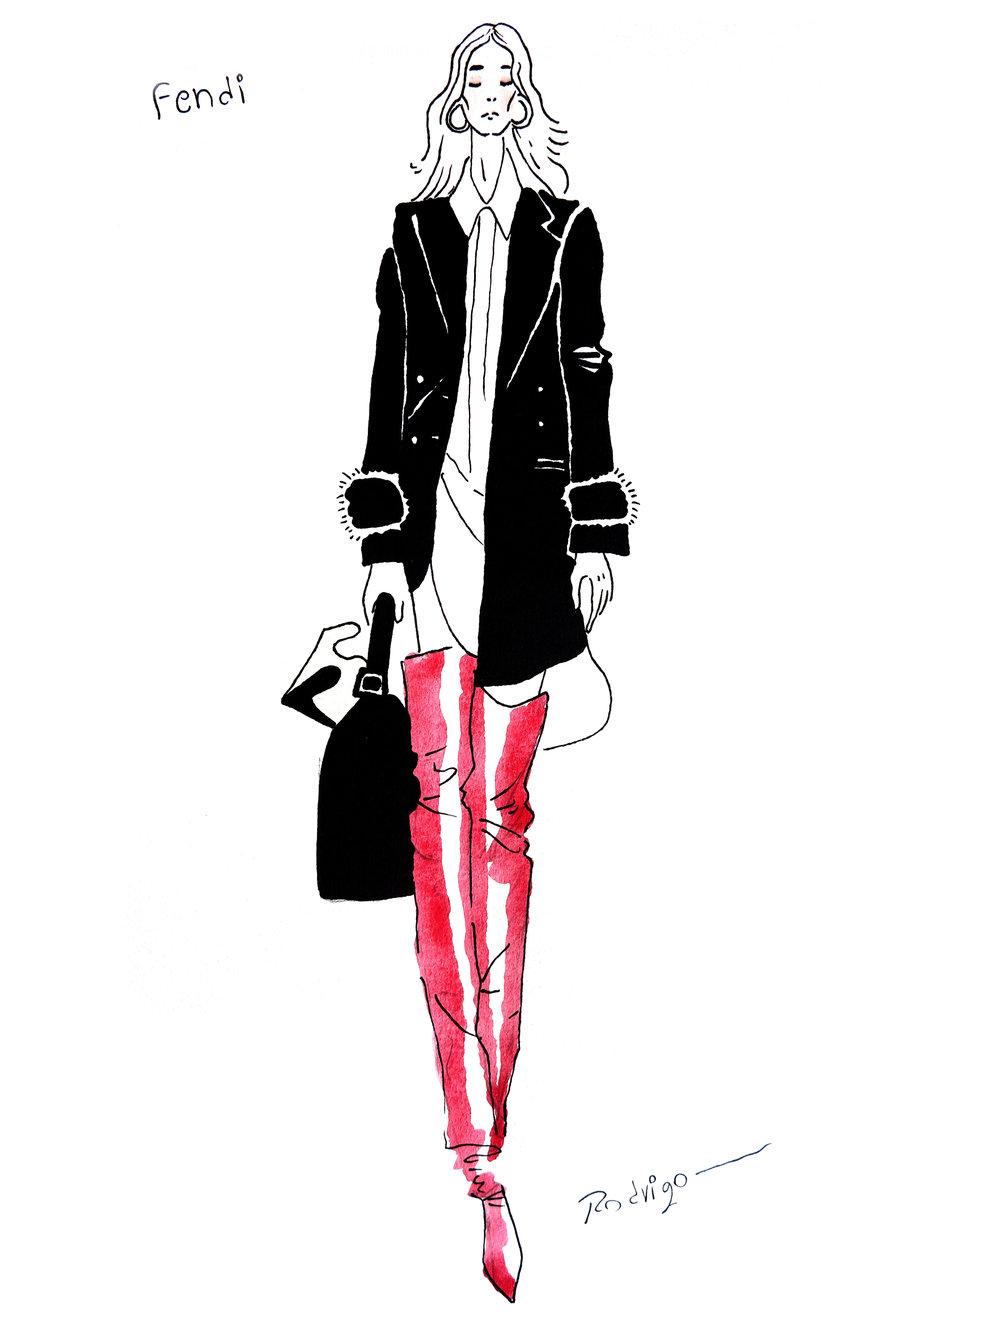 Ilustration by Rodrigo Del Castillo